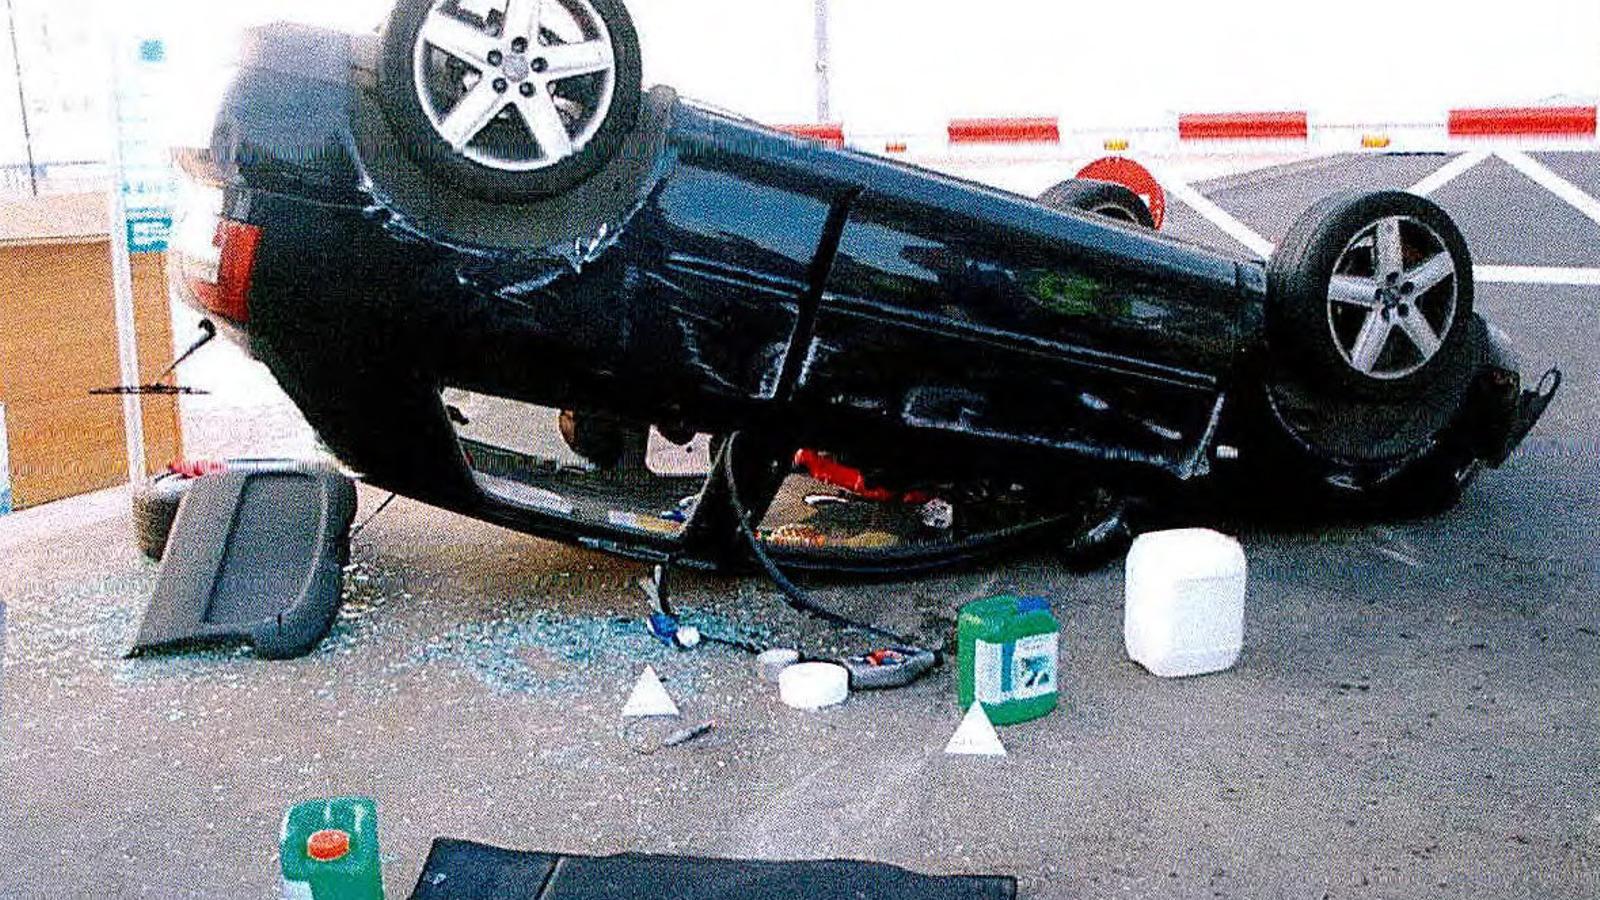 Al cotxe que es va utilitzar a Cambrils hi havia dos mocadors vermells, una mostra de la radicalització, segons els Mossos.